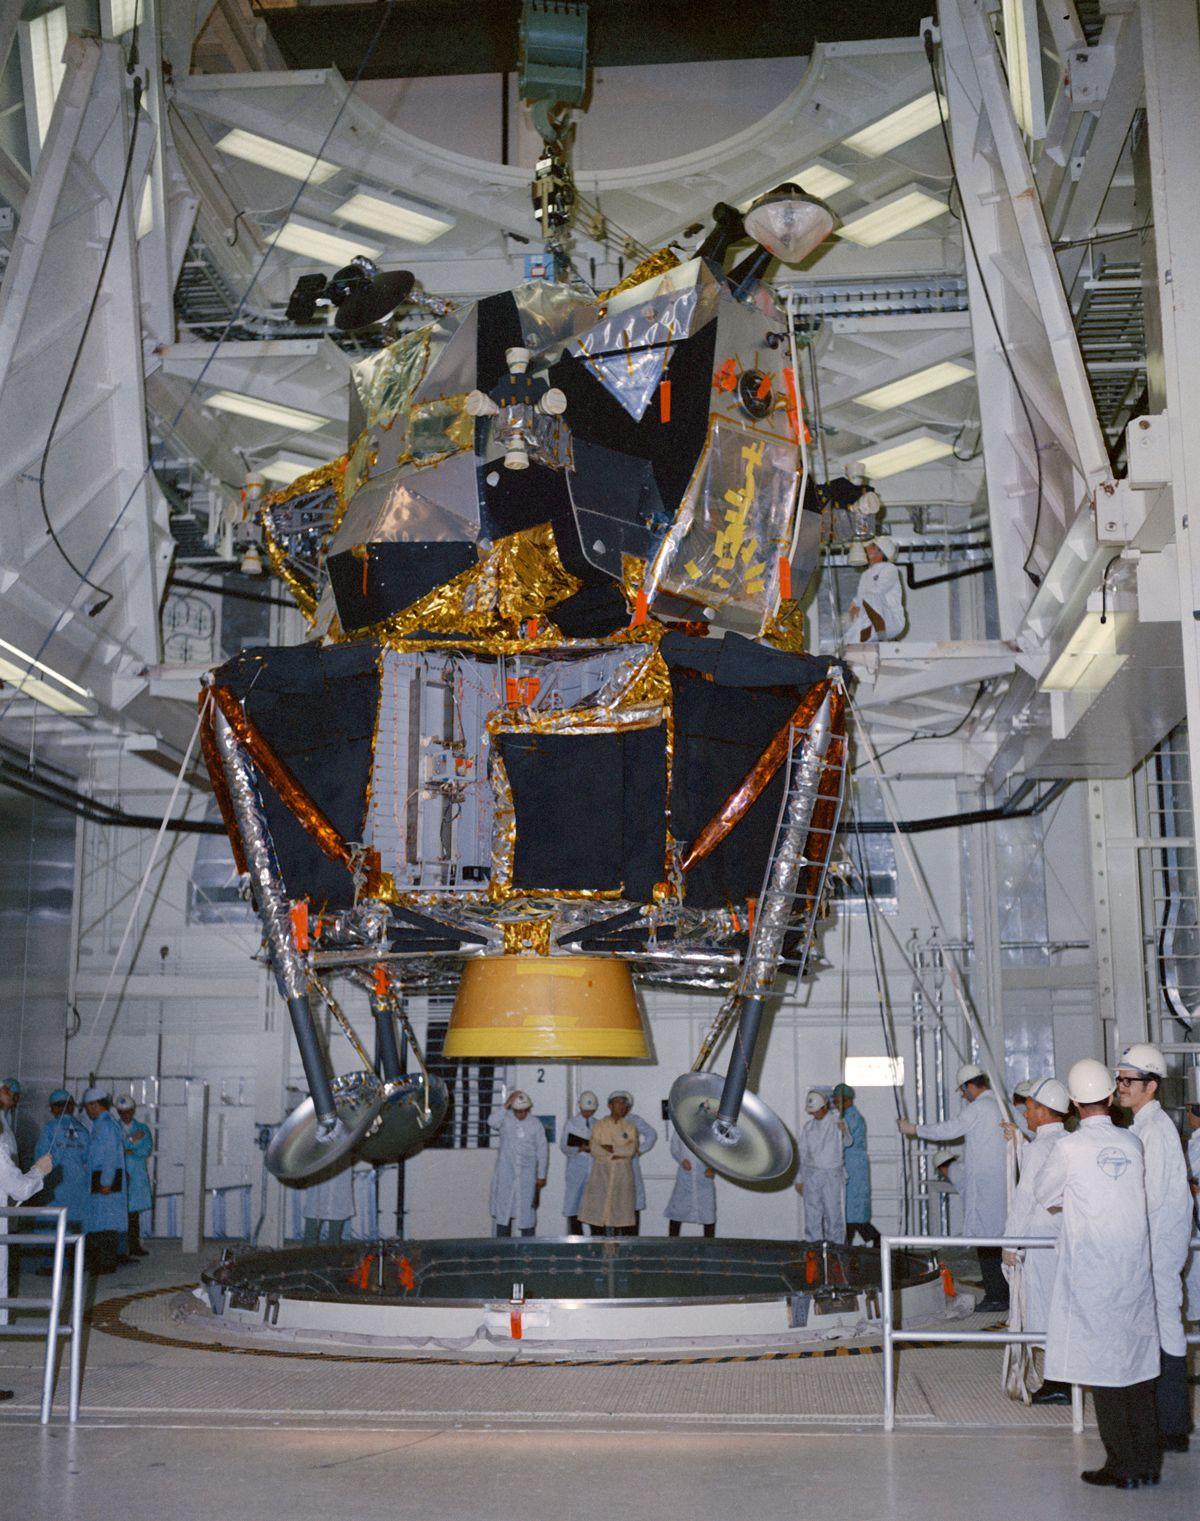 spacecraft manned lunar - photo #10